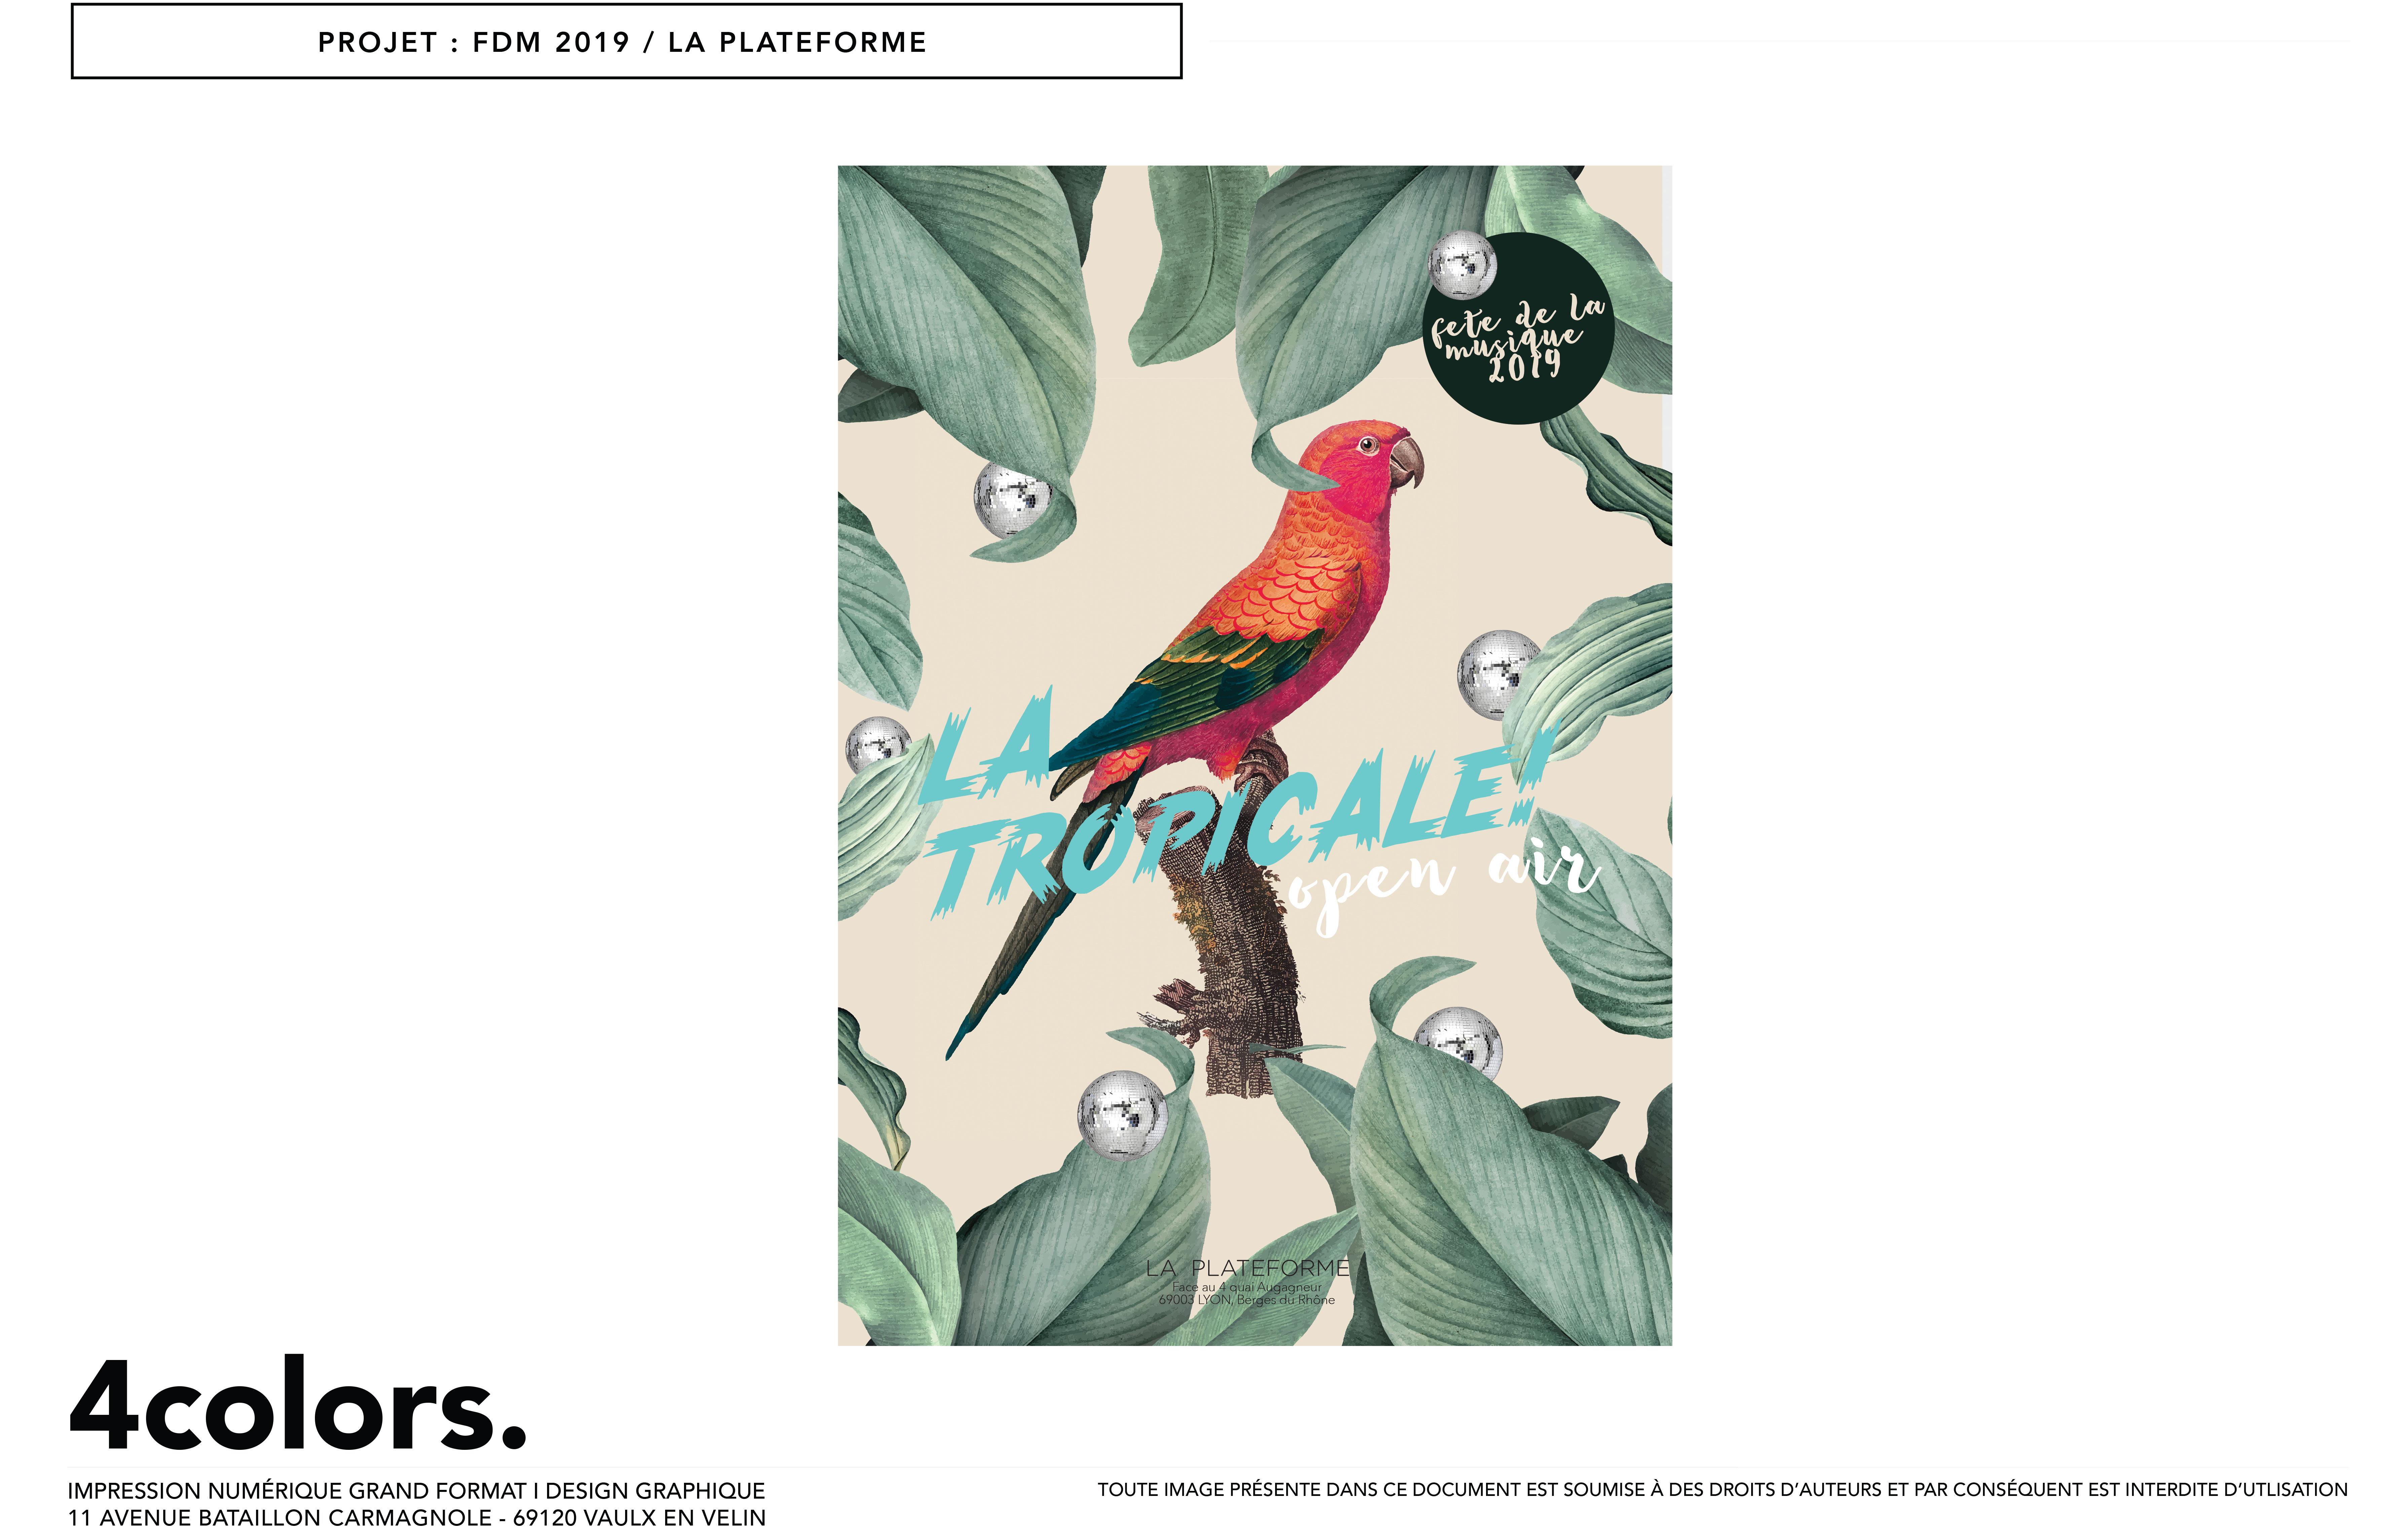 Design-graphique-flyer-la-plateforme-Maquette_fdm_2019-4-Colors